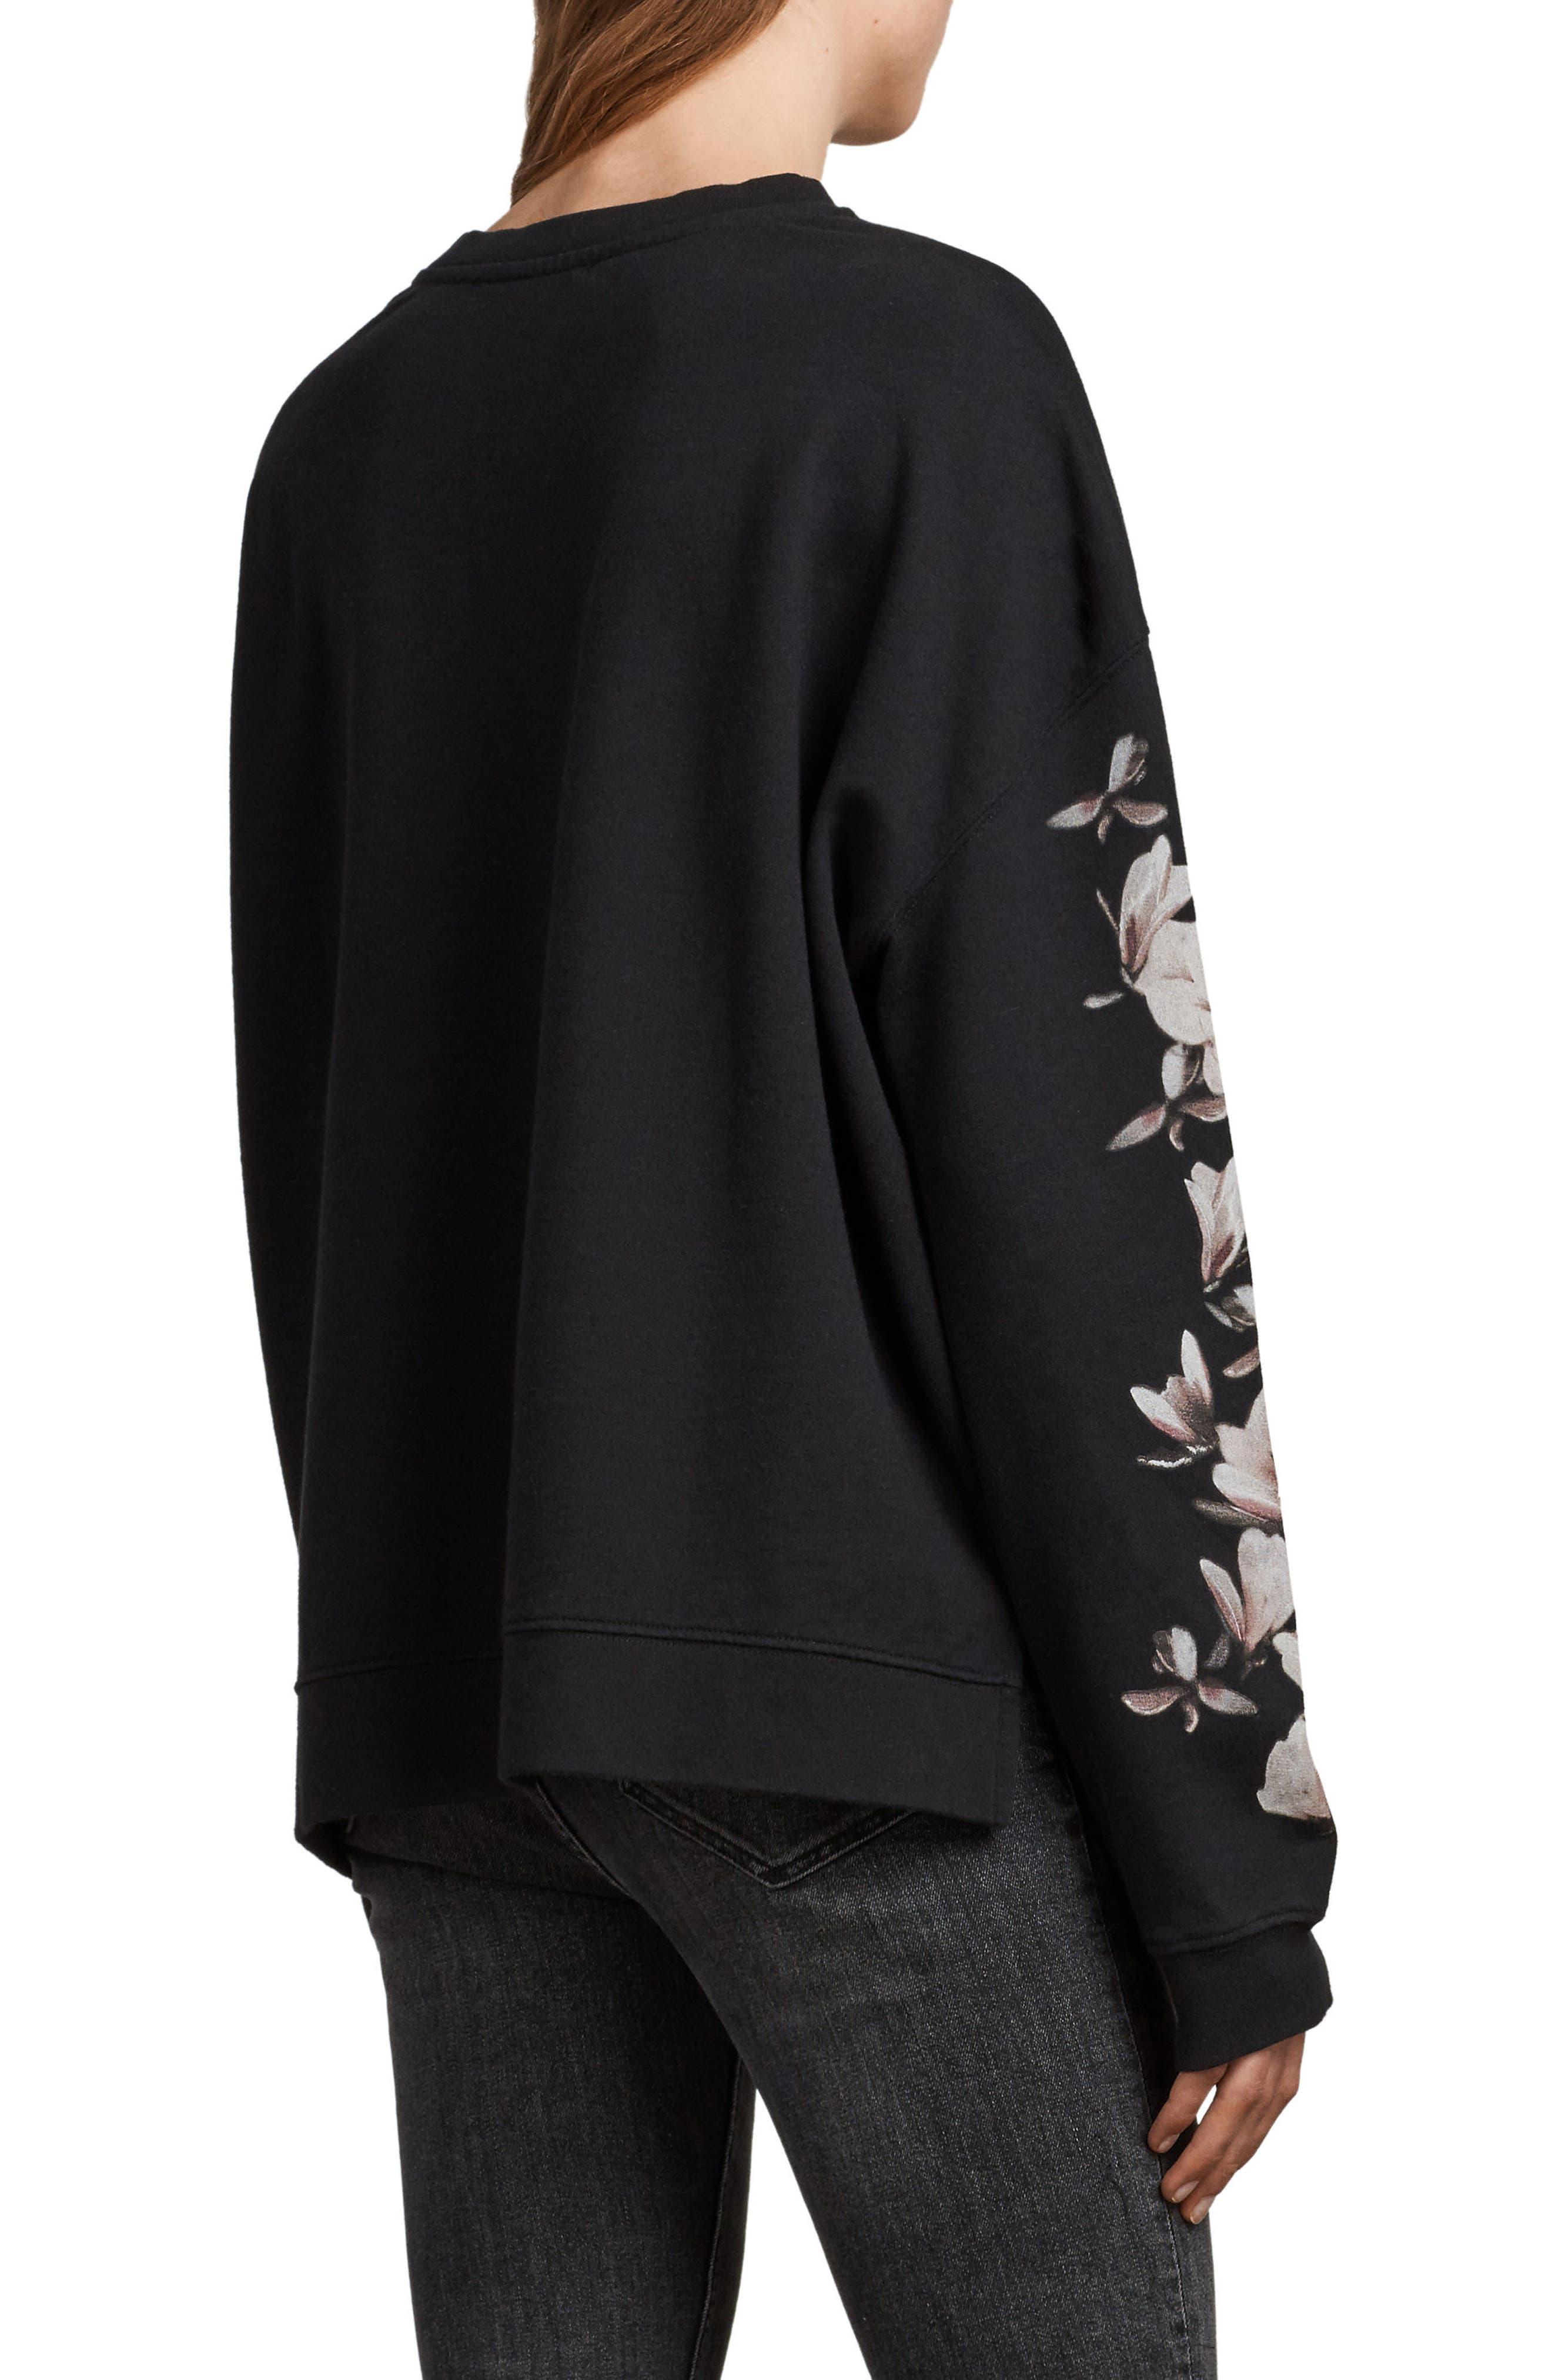 Magnolia Floral Print Cotton Sweatshirt,                             Alternate thumbnail 2, color,                             Black